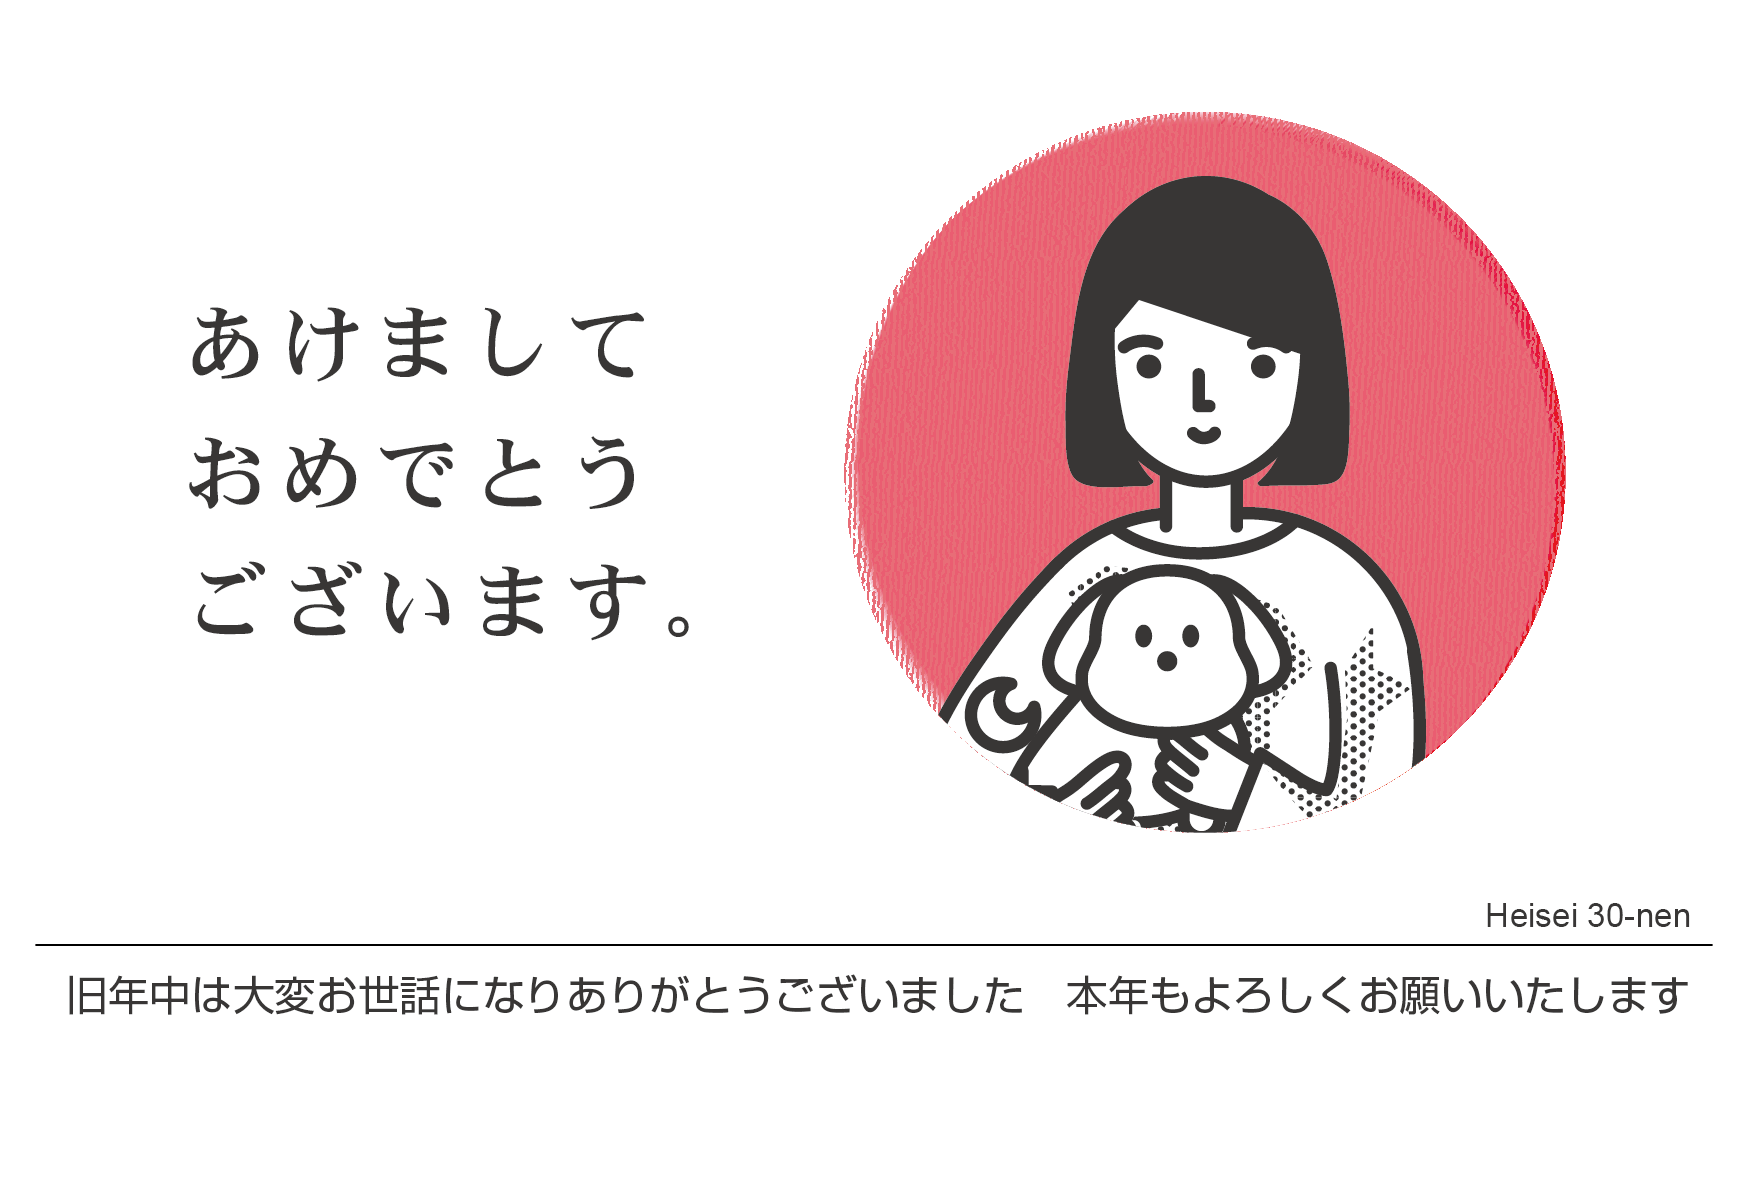 無料 2018年 デザイン年賀状 人と犬